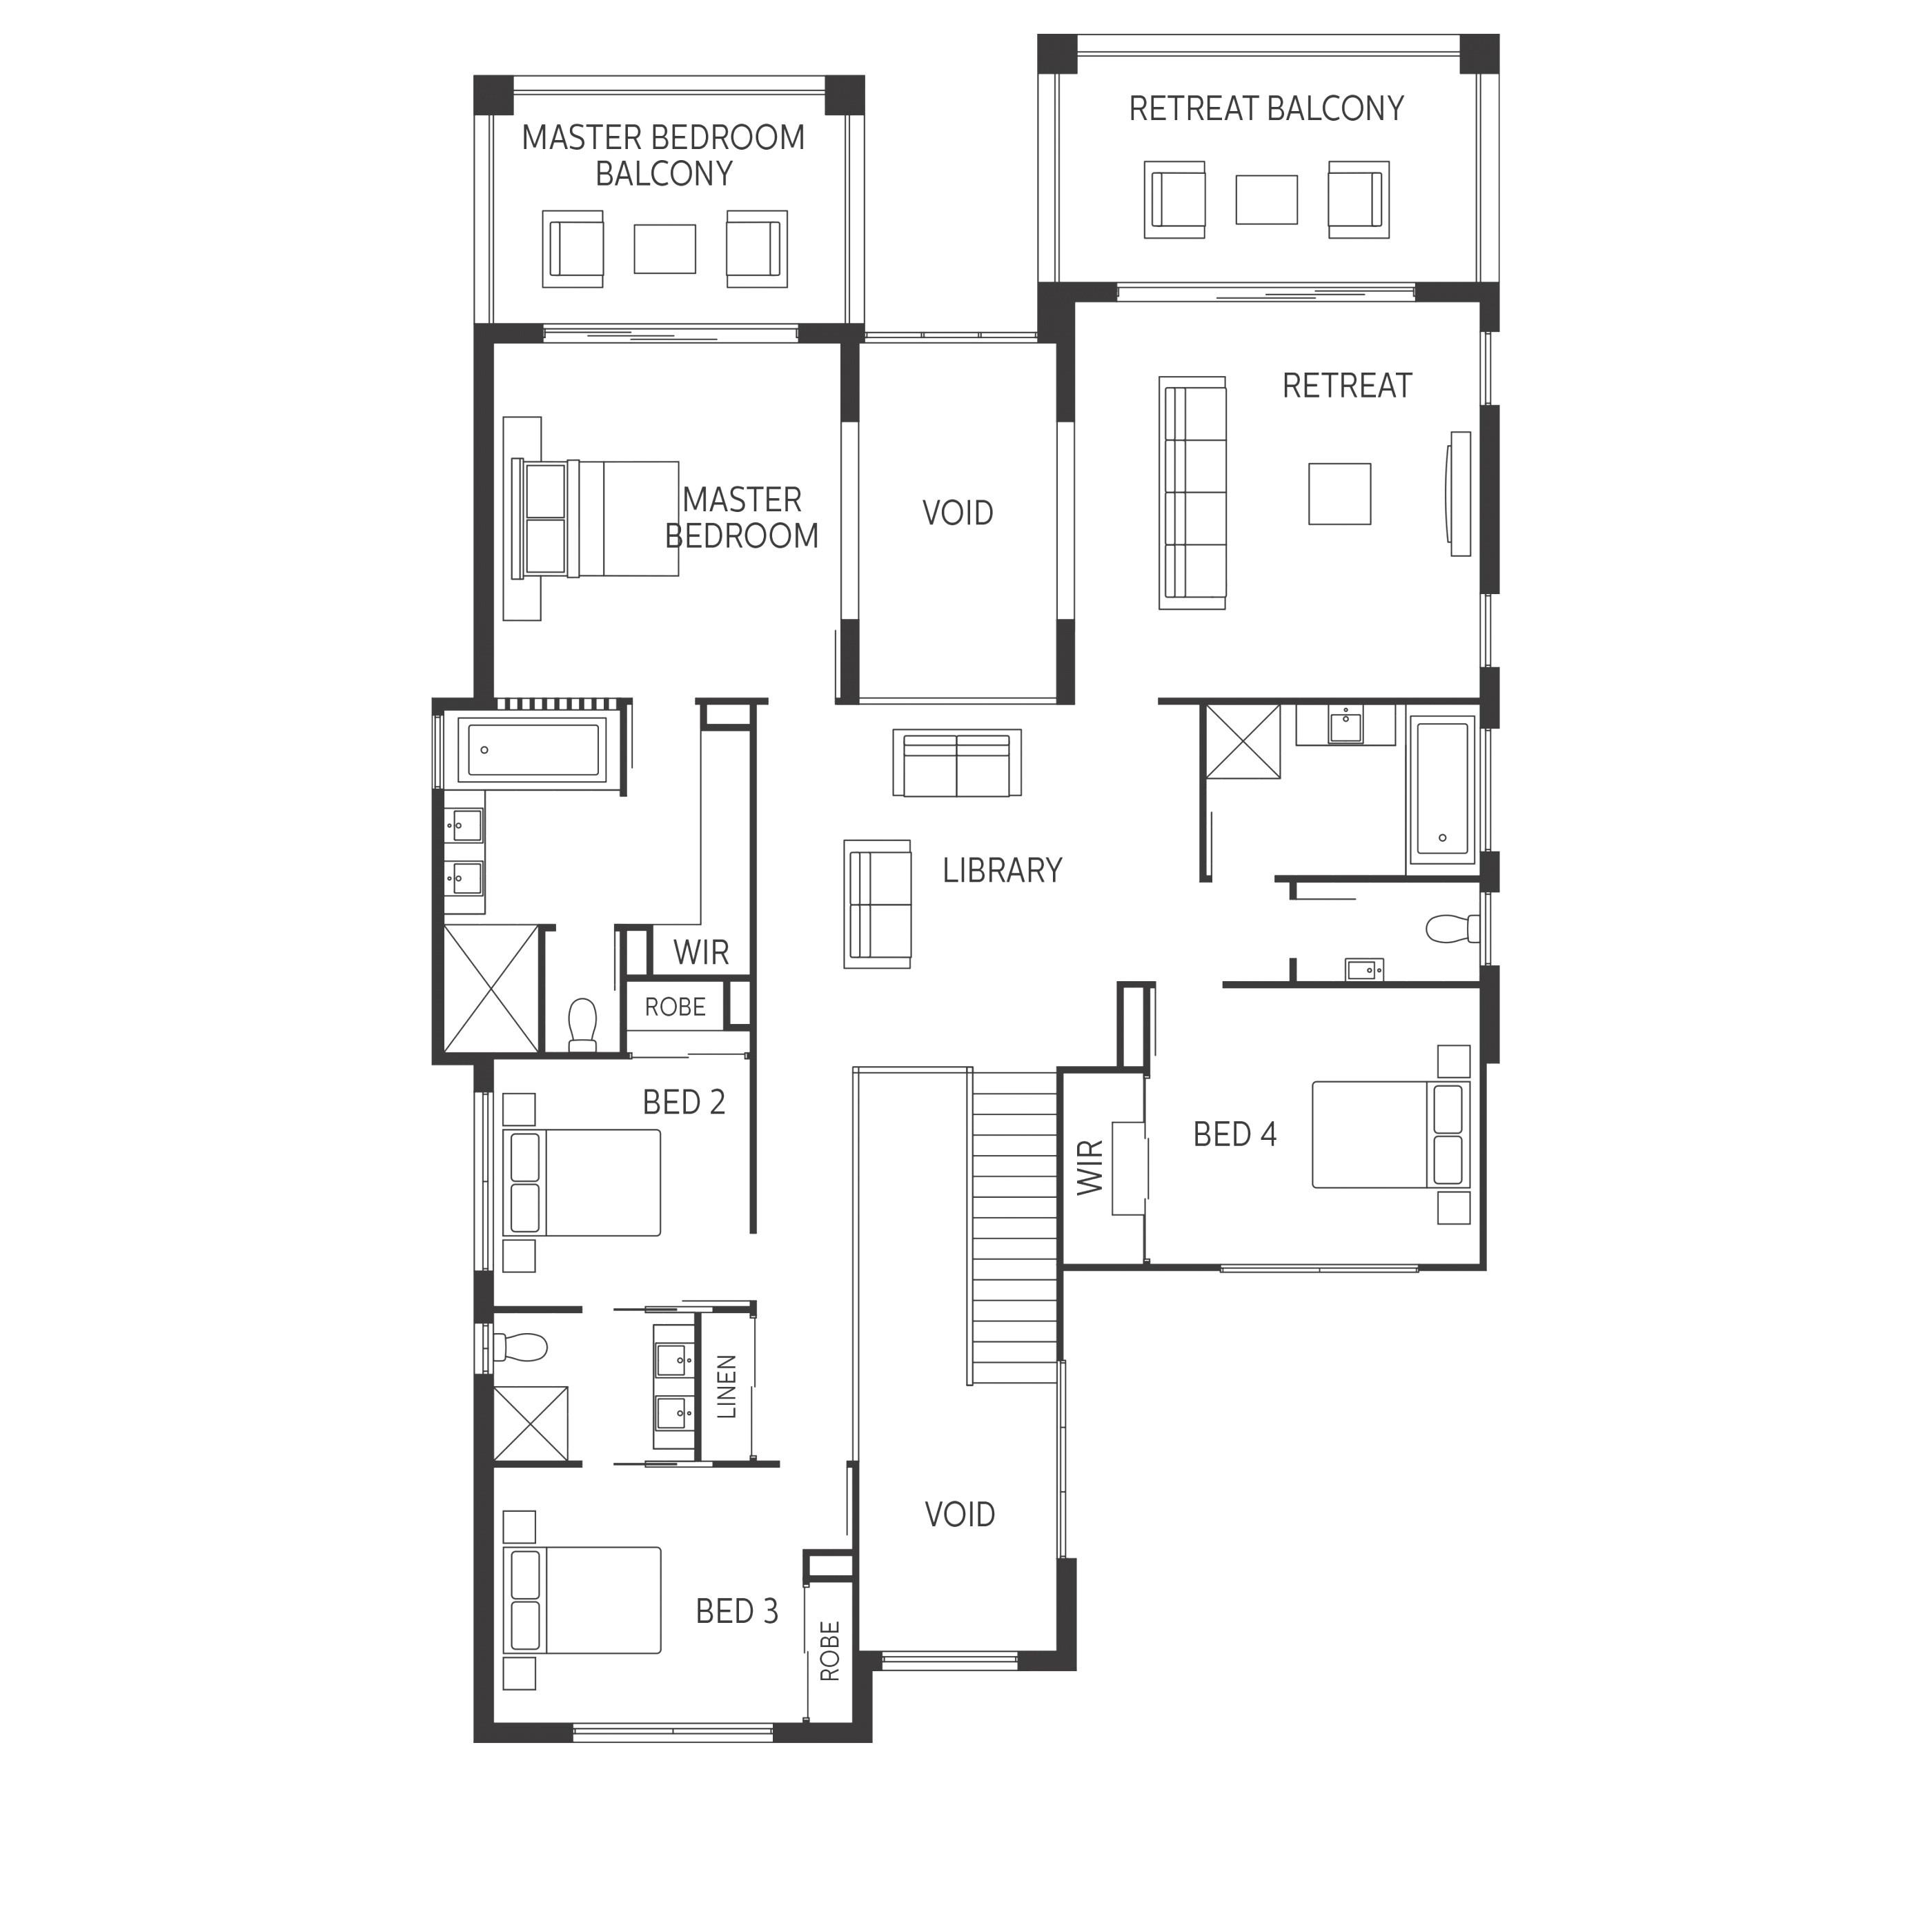 20 x 20 house floor plans fresh 24 40 house plans lovely 20 x 40